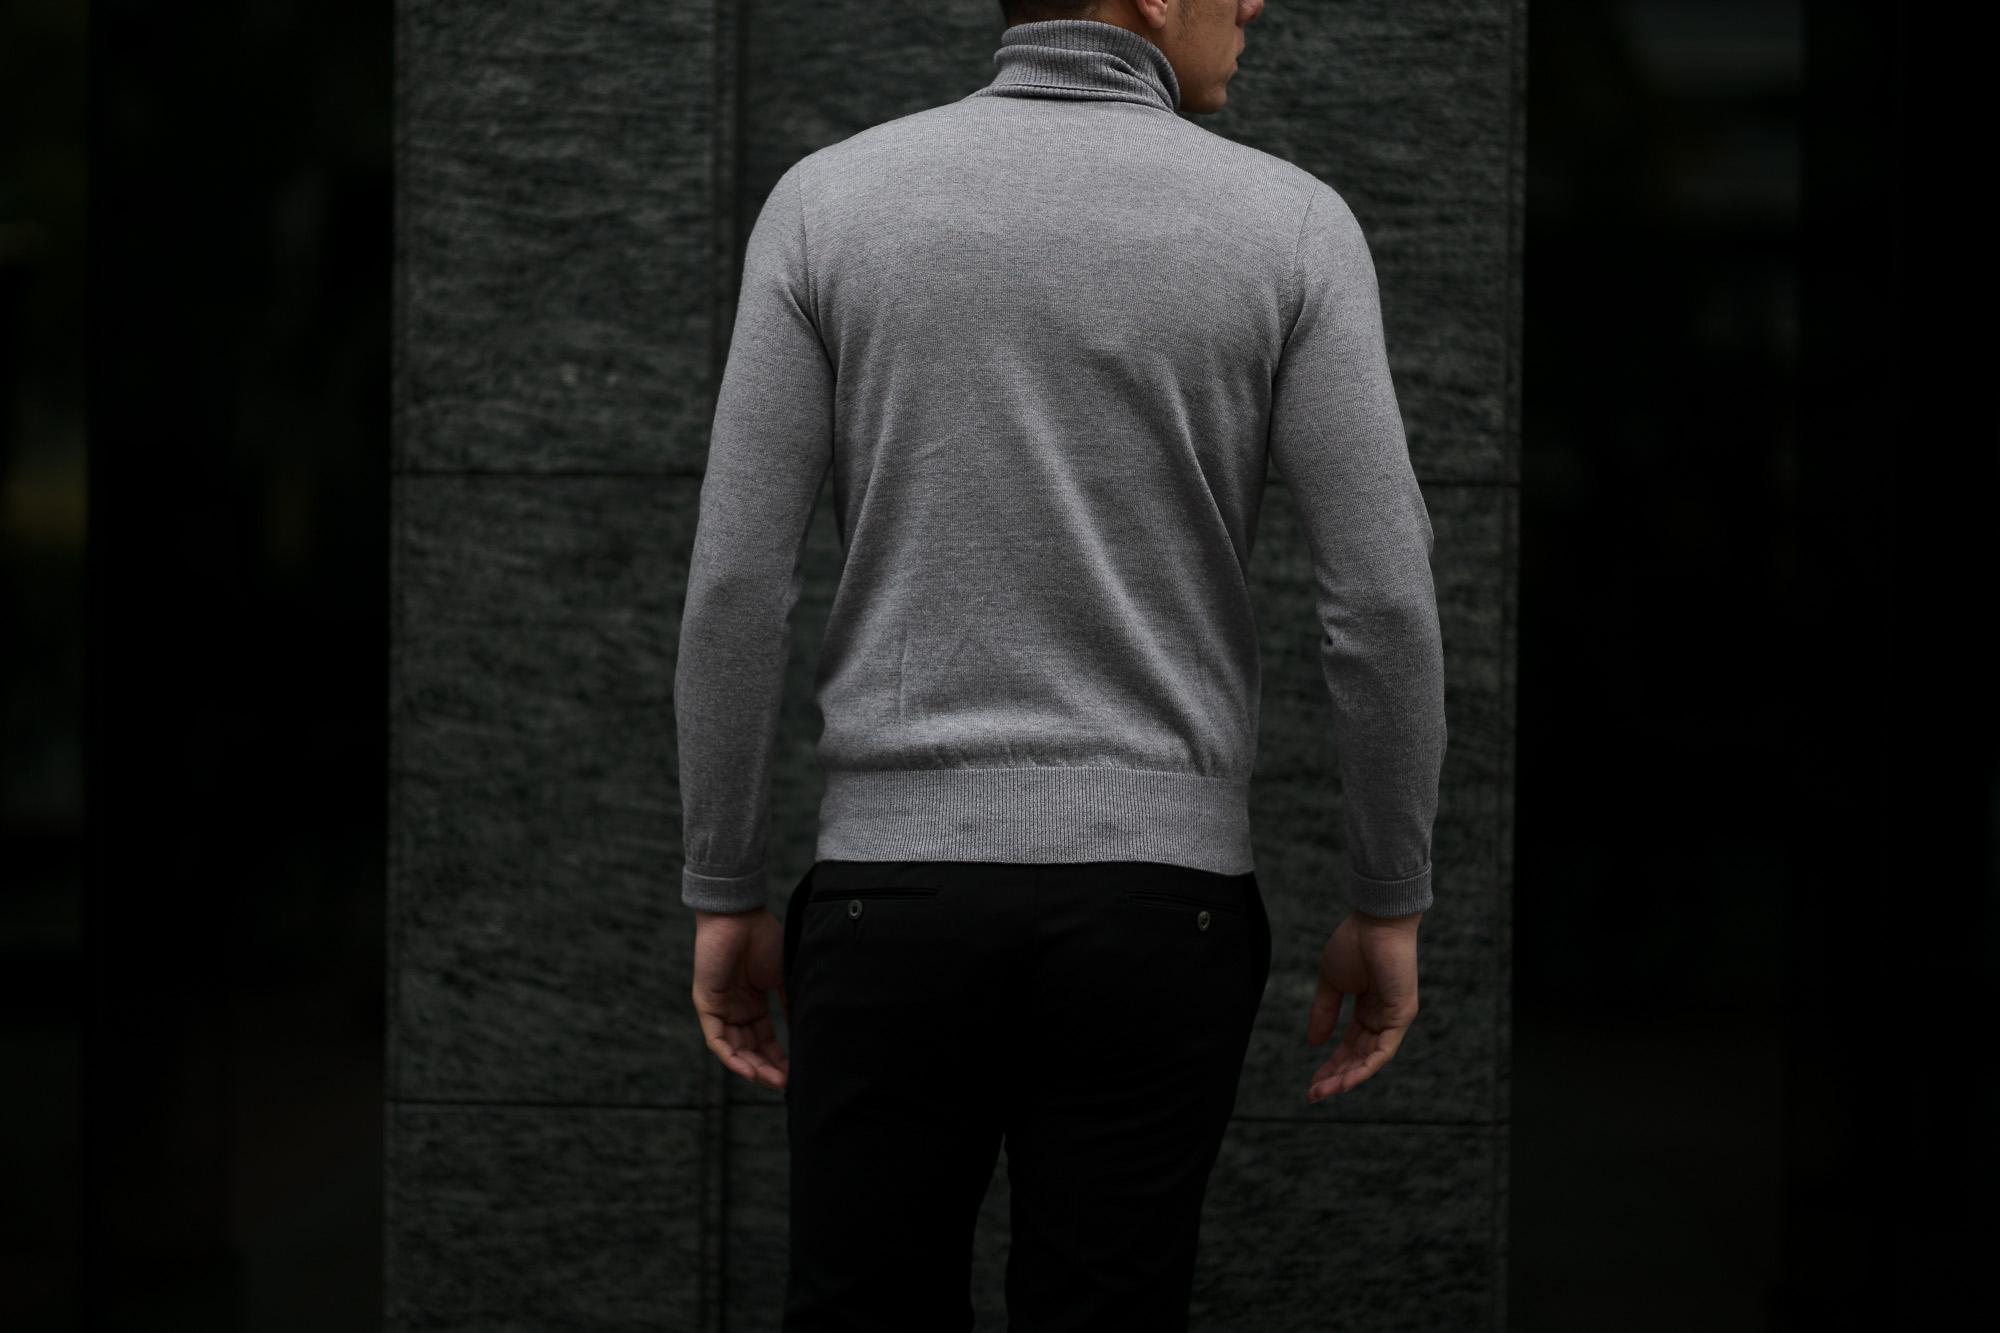 Cuervo (クエルボ) Sartoria Collection (サルトリア コレクション) John(ジョン) Turtle Neck Sweater (タートルネックセーター) ウールニット セーター GRAY (グレー) MADE IN JAPAN (日本製) 2019 秋冬 【ご予約受付開始】愛知 名古屋 altoediritto アルトエデリット